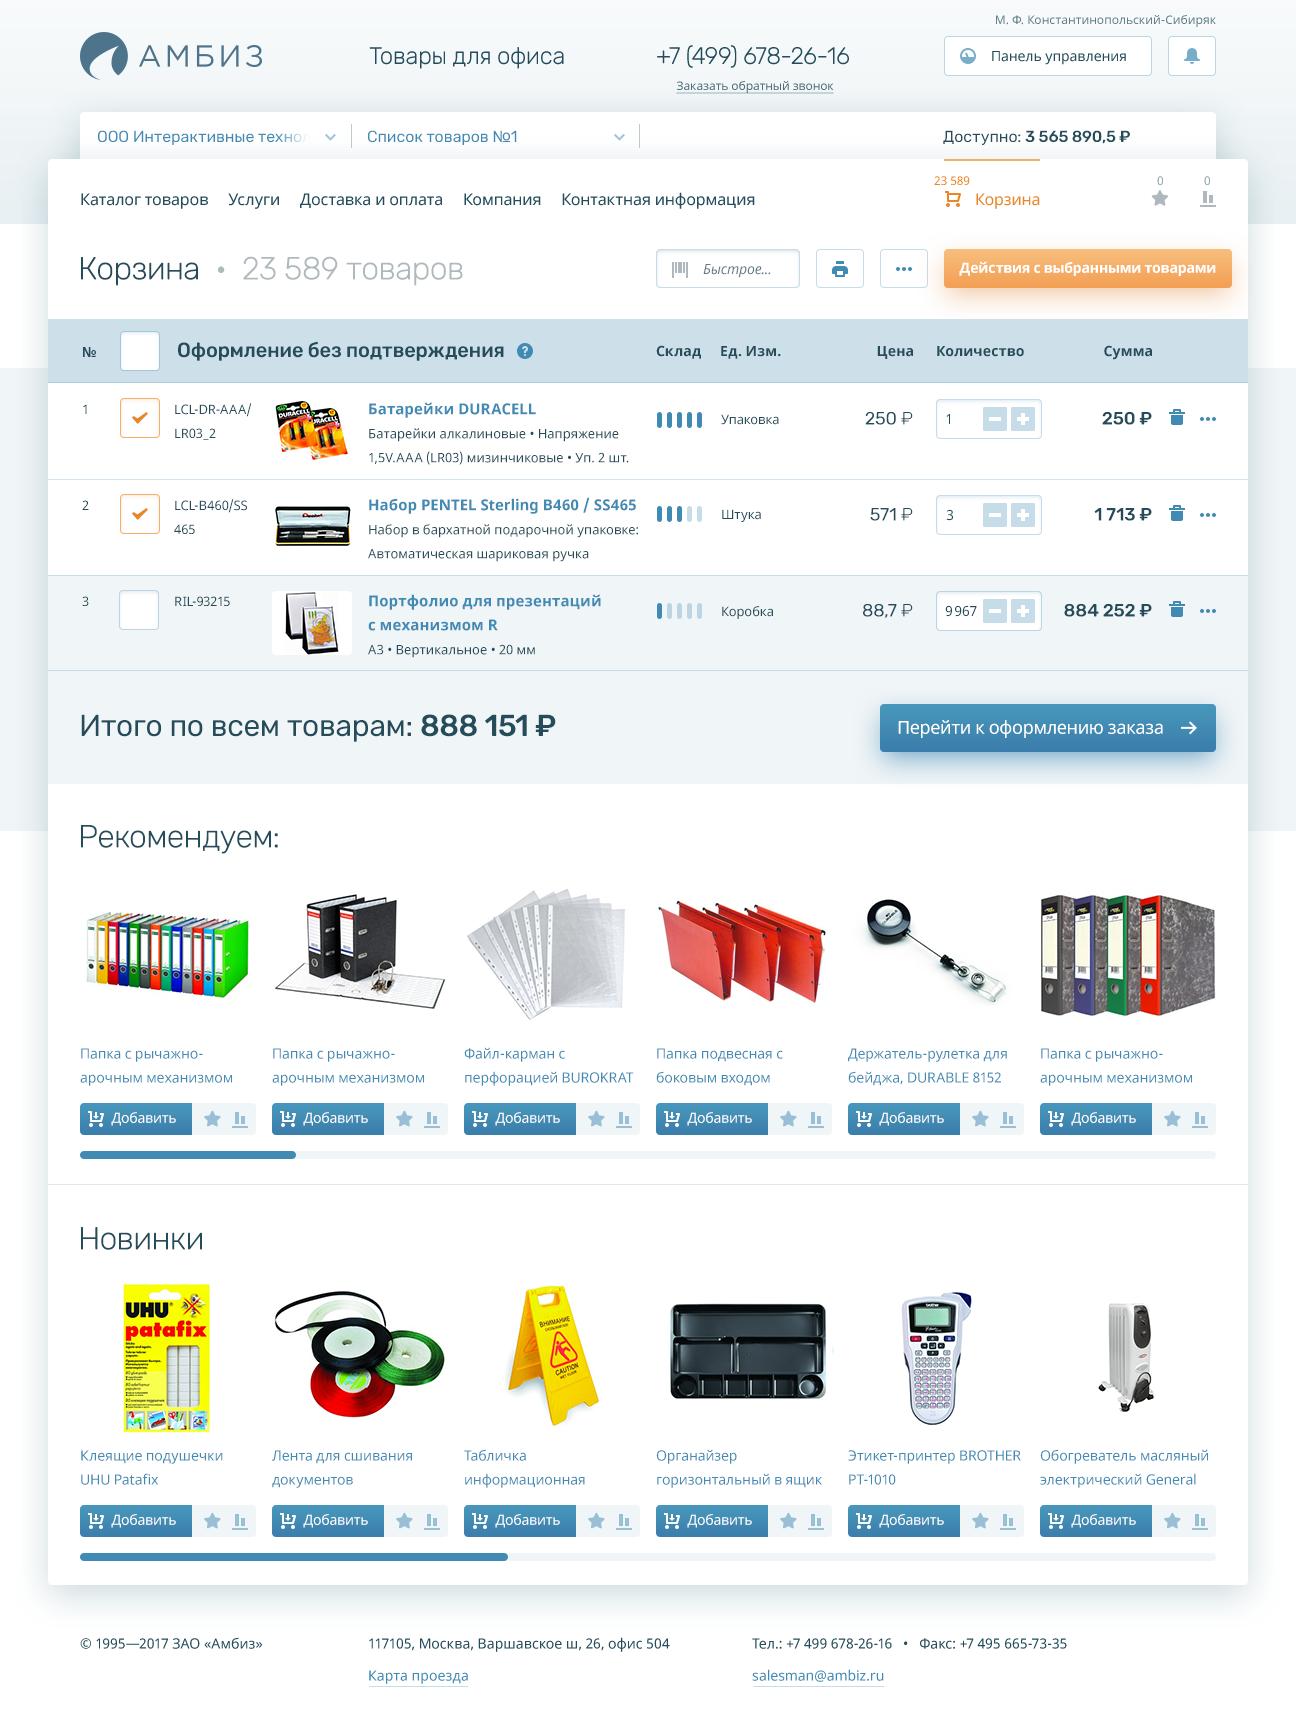 Корзина с товарами _ Операции с товарами.png